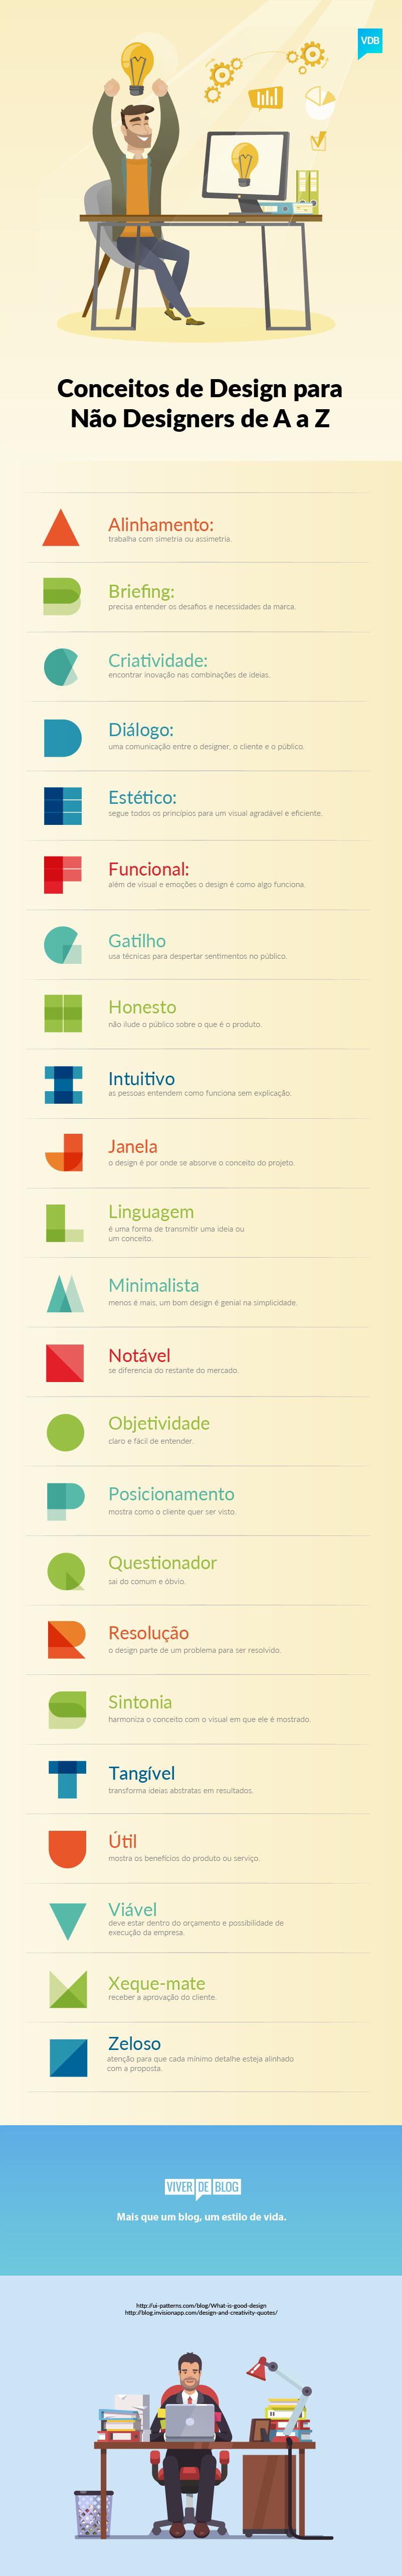 Infográfico Conceitos de Design